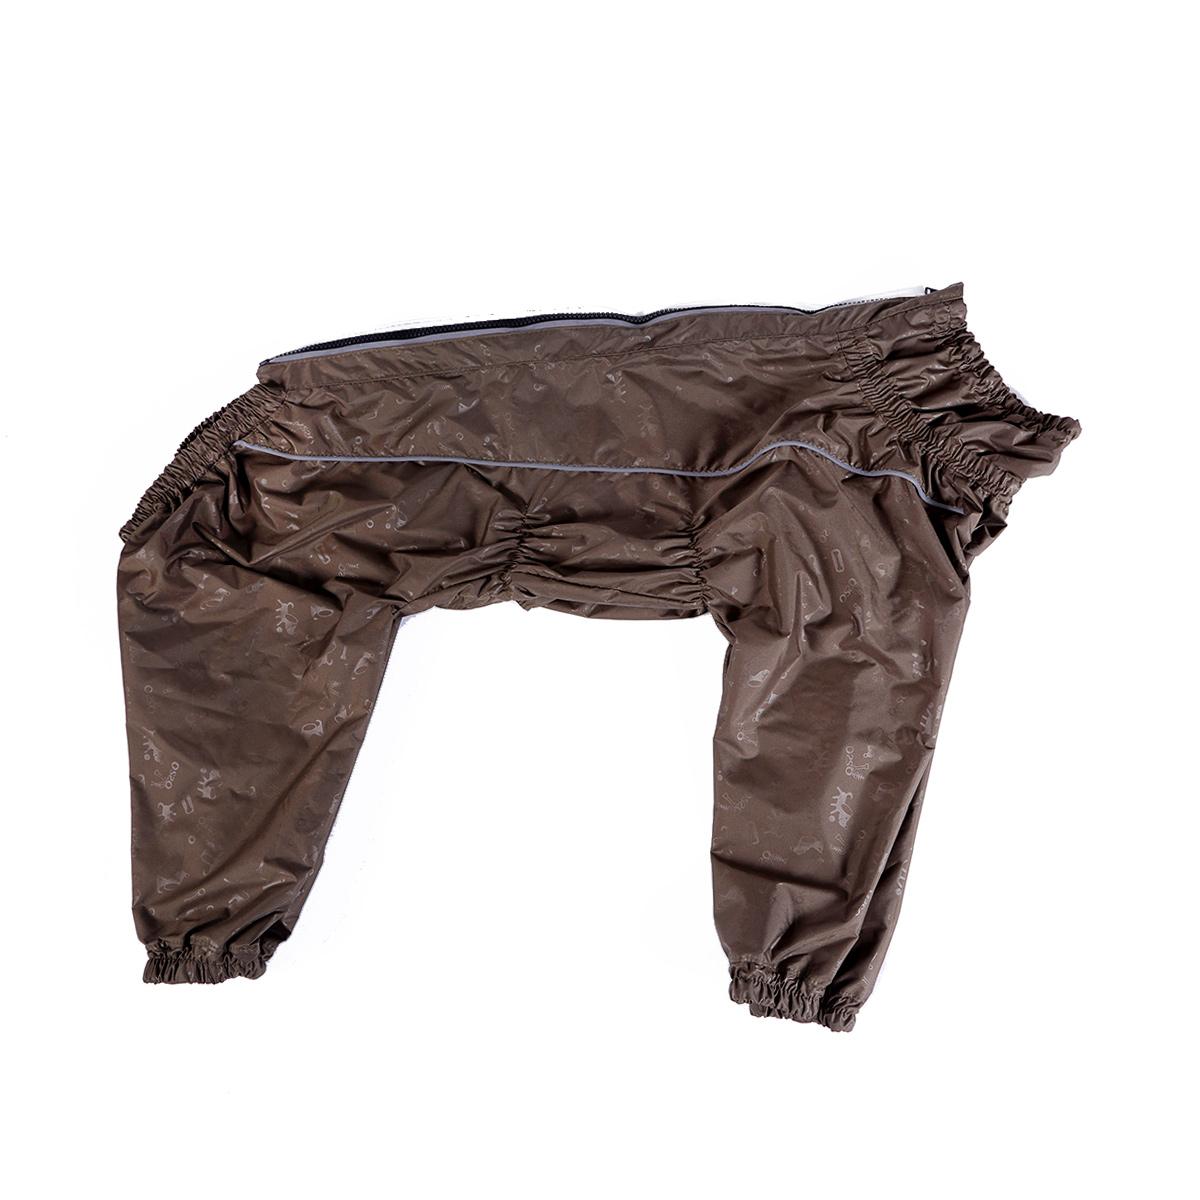 Комбинезон для собак OSSO Fashion, для мальчика, цвет: хаки. Размер 55К-1022-хакиКомбинезон для собак OSSO Fashion изготовлен без подкладки из водоотталкивающей и ветрозащитной ткани (100% полиэстер). Комбинезон предназначен для прогулок в межсезонье, в сырую погоду для защиты собаки от грязи и воды. В комбинезоне используется отделка со светоотражающим кантом и тракторная молния со светоотражающей полосой. Комбинезон для собак эргономичен, удобен, не сковывает движений собаки при беге, во время игры и при дрессировке. Комфортная посадка по корпусу достигается за счет резинок-утяжек под грудью и животом. На воротнике имеется кнопка для фиксации. От попадания воды и грязи внутрь комбинезона низы штанин собраны на резинку. Рекомендуется машинная стирка с использованием средства для стирки деликатных тканей при температуре не выше 40°С и загрузке барабана не более чем на 40% от его объема, отжим при скорости не более 400/500 об/мин, сушка на воздухе - с целью уменьшения воздействия на водоотталкивающую (PU) пропитку ткани. Рекомендации по подбору размера:размер подбирается по длине спины собаки. Она измеряется от холки (от места где сходятся лопатки) до основания хвоста, в стоячем положении. Предупреждение: не измеряйте длину спины от шеи, только от холки. Воротник в расчет длины спины комбинезона не входит.